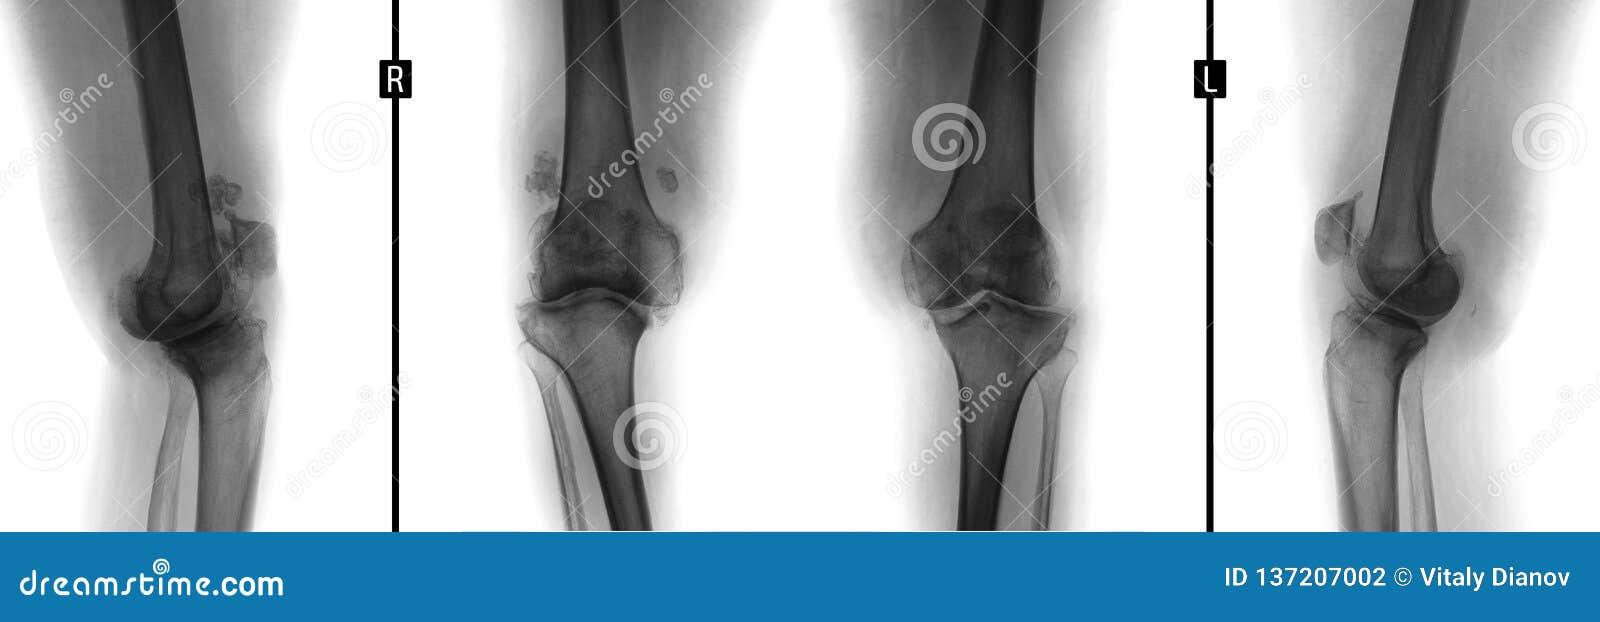 Rayon X des articulations du genou Déformer l arthrose Négatif